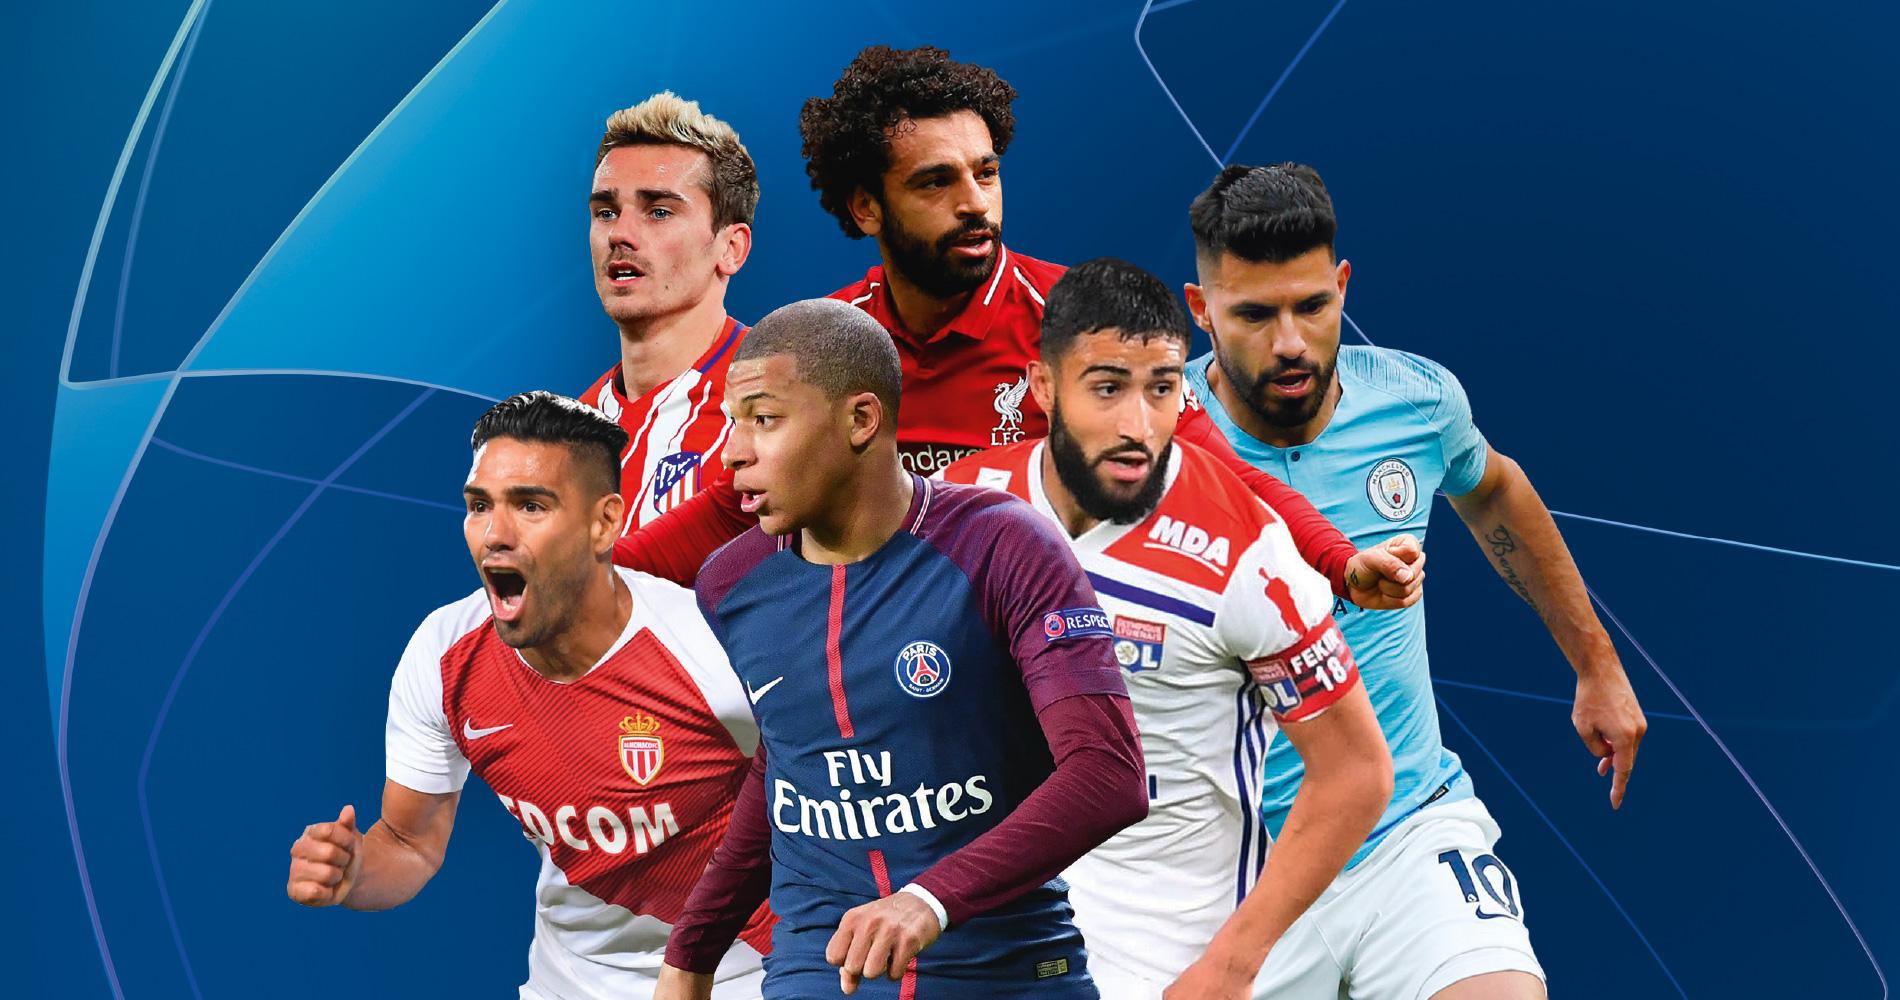 Prolongation : RMC Sport et BeIN Sports à 1 euro par mois avec une box ADSL & Fibre SFR